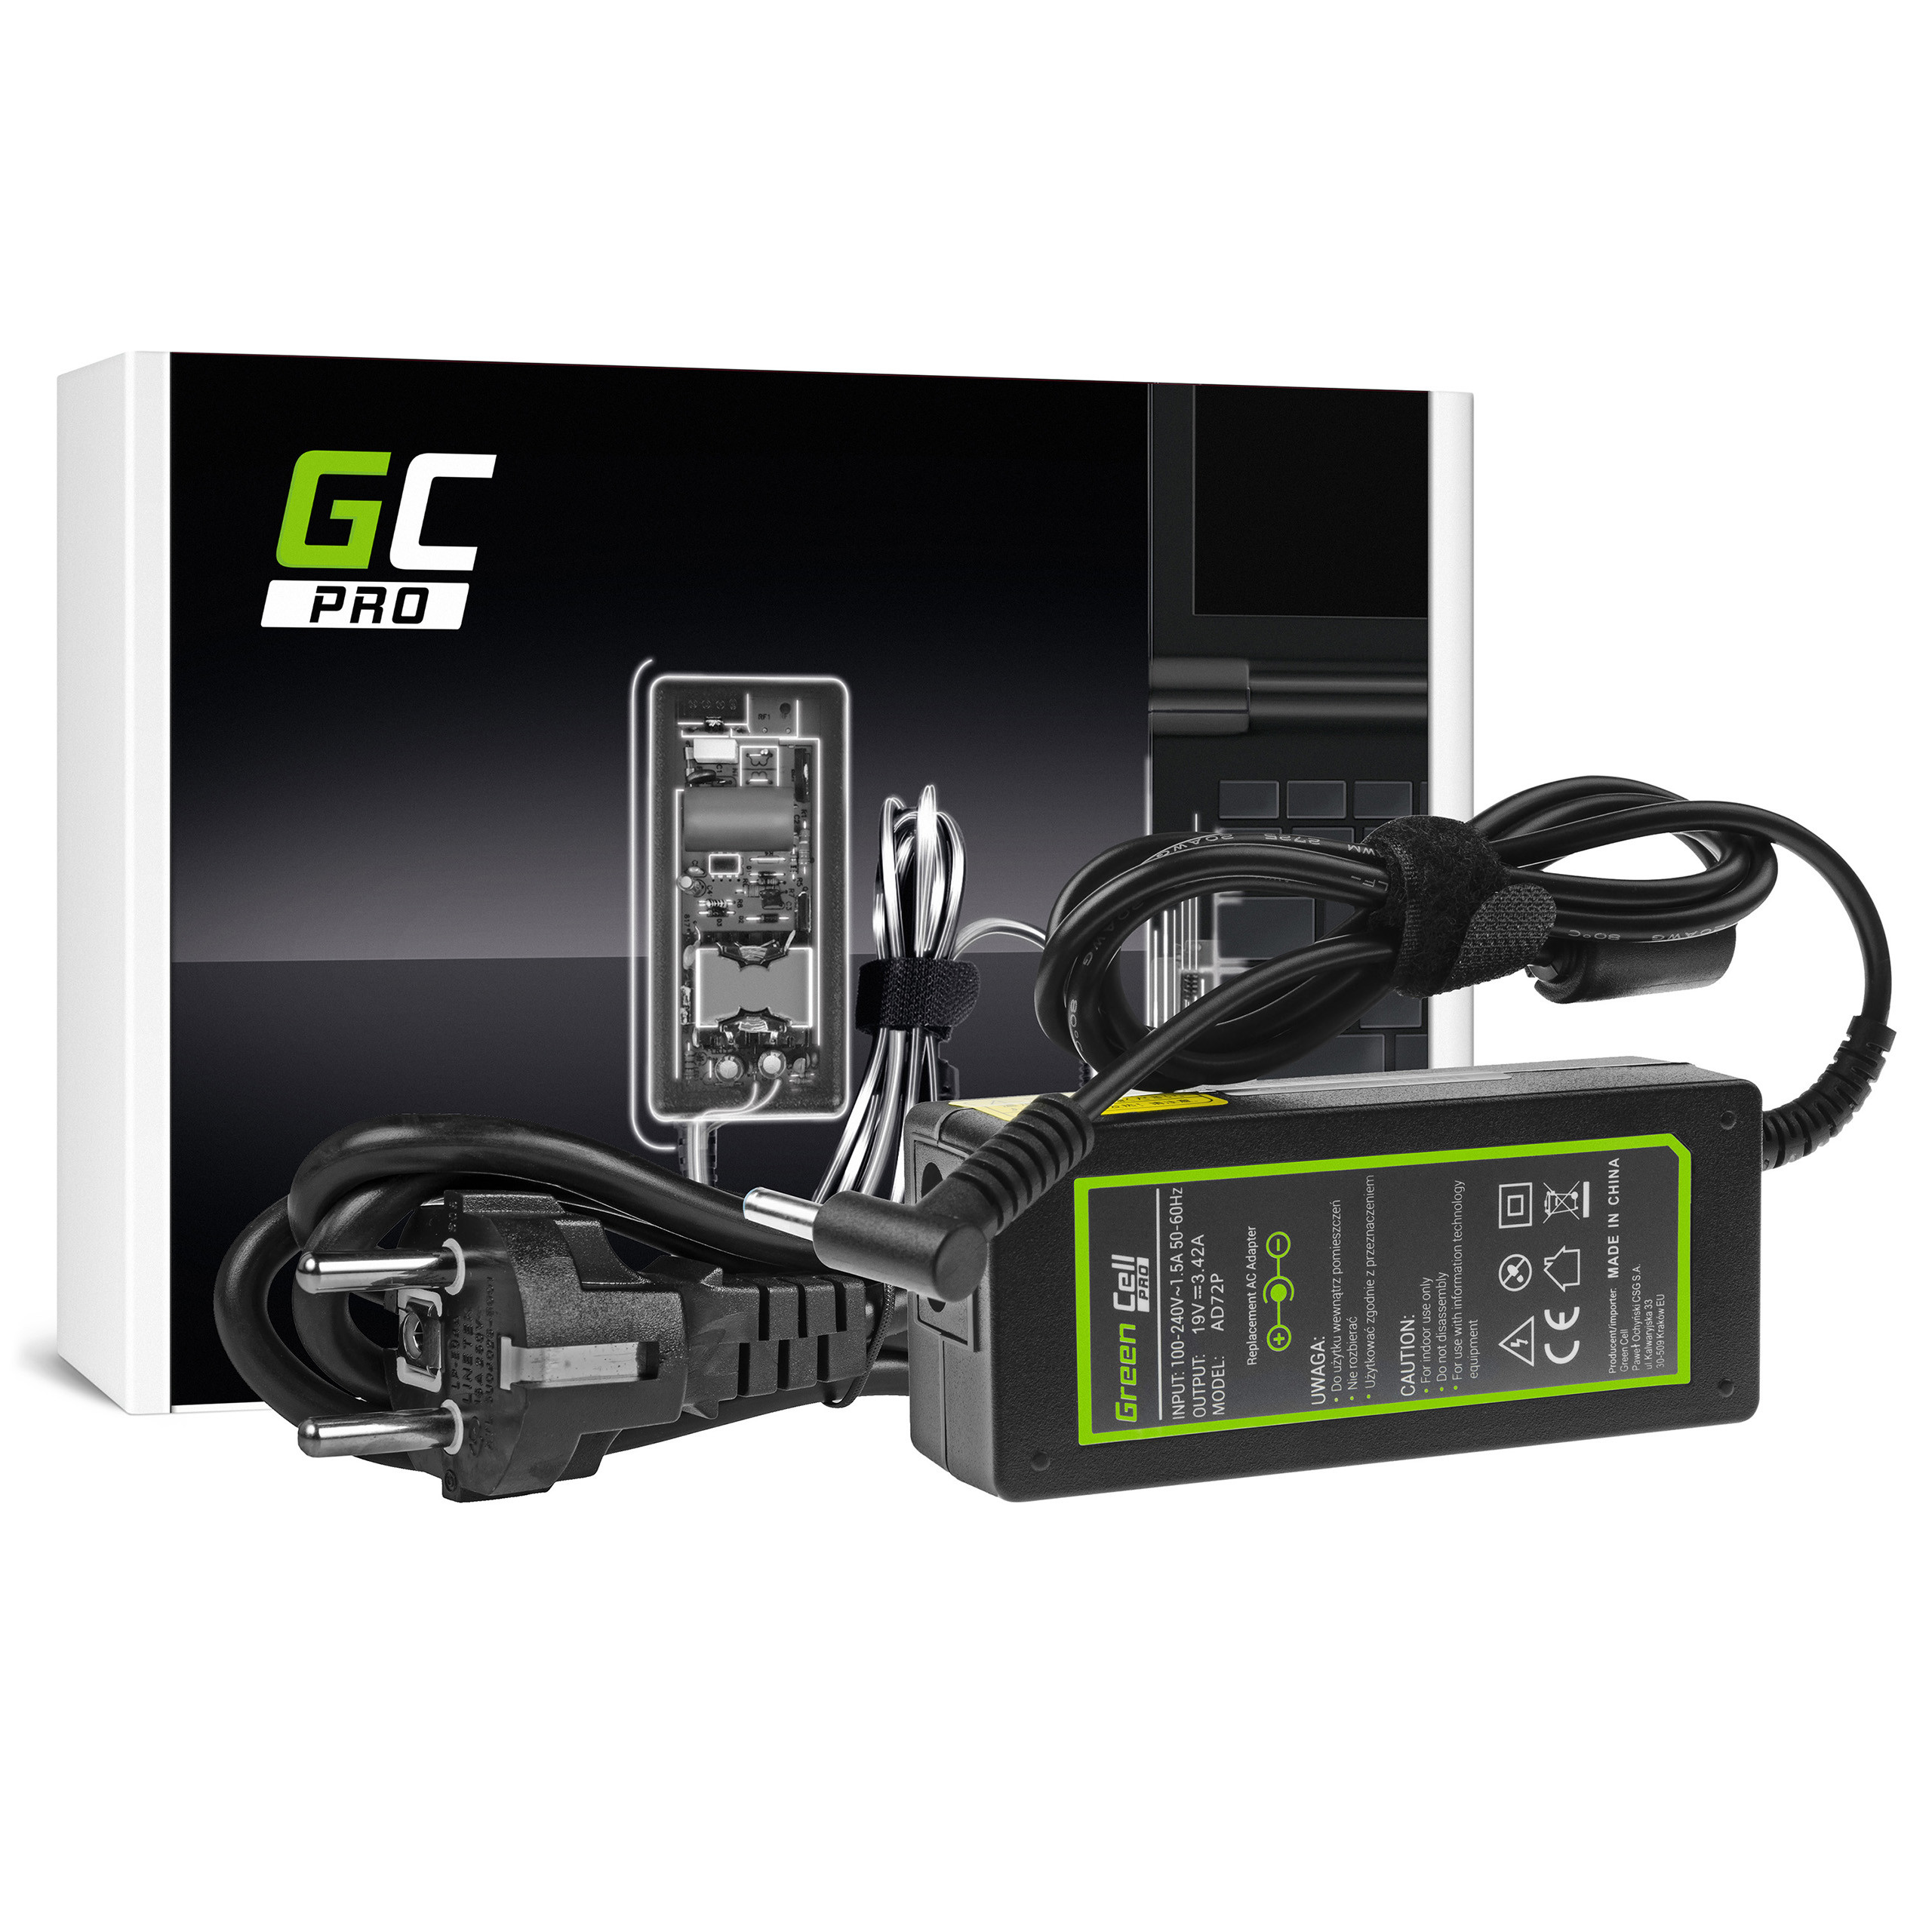 Green Cell AD72P Adaptér Nabíječka PA-1650-78 pro AsusPro BU400 BU400A BU400V Essential PU301 PU401 PU500 PU551 | 19V 3.42A 65W | 4.5 mm - 3.0mm Pin